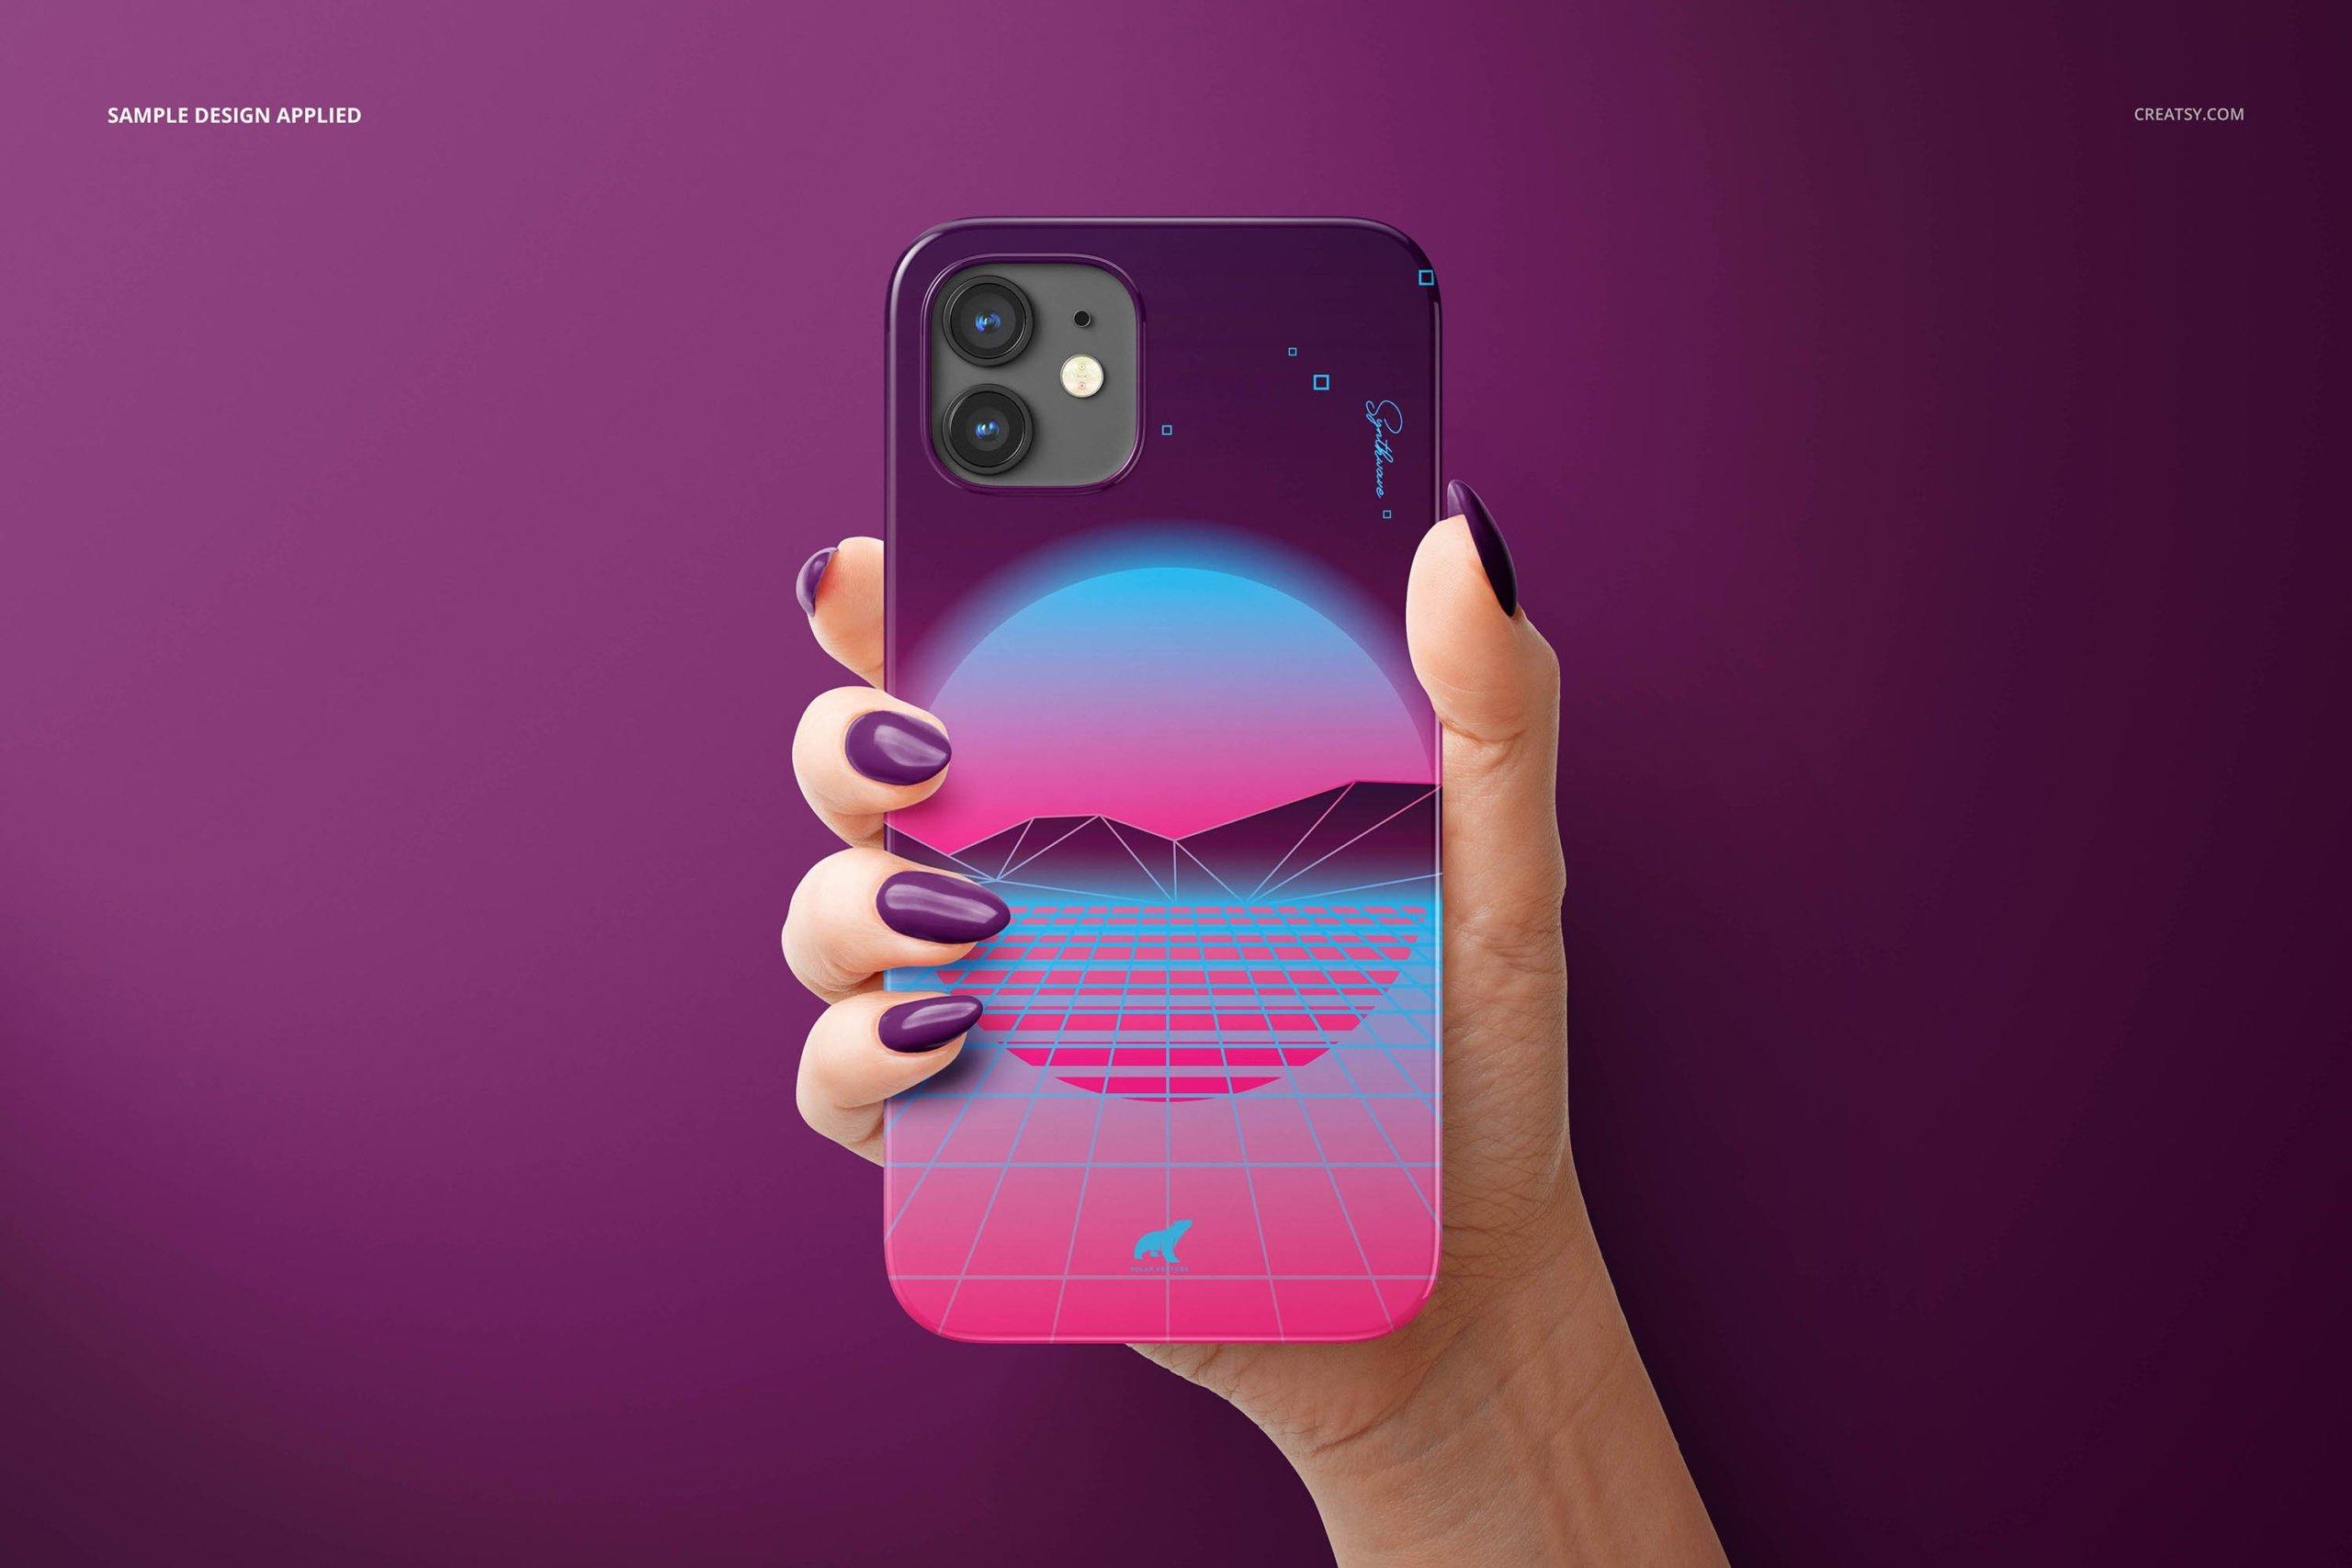 [单独购买] 26款时尚光滑苹果iPhone 12手机保护壳设计PS贴图样机模板素材 iPhone 12 Glossy Snap Case 1 Mockup插图6